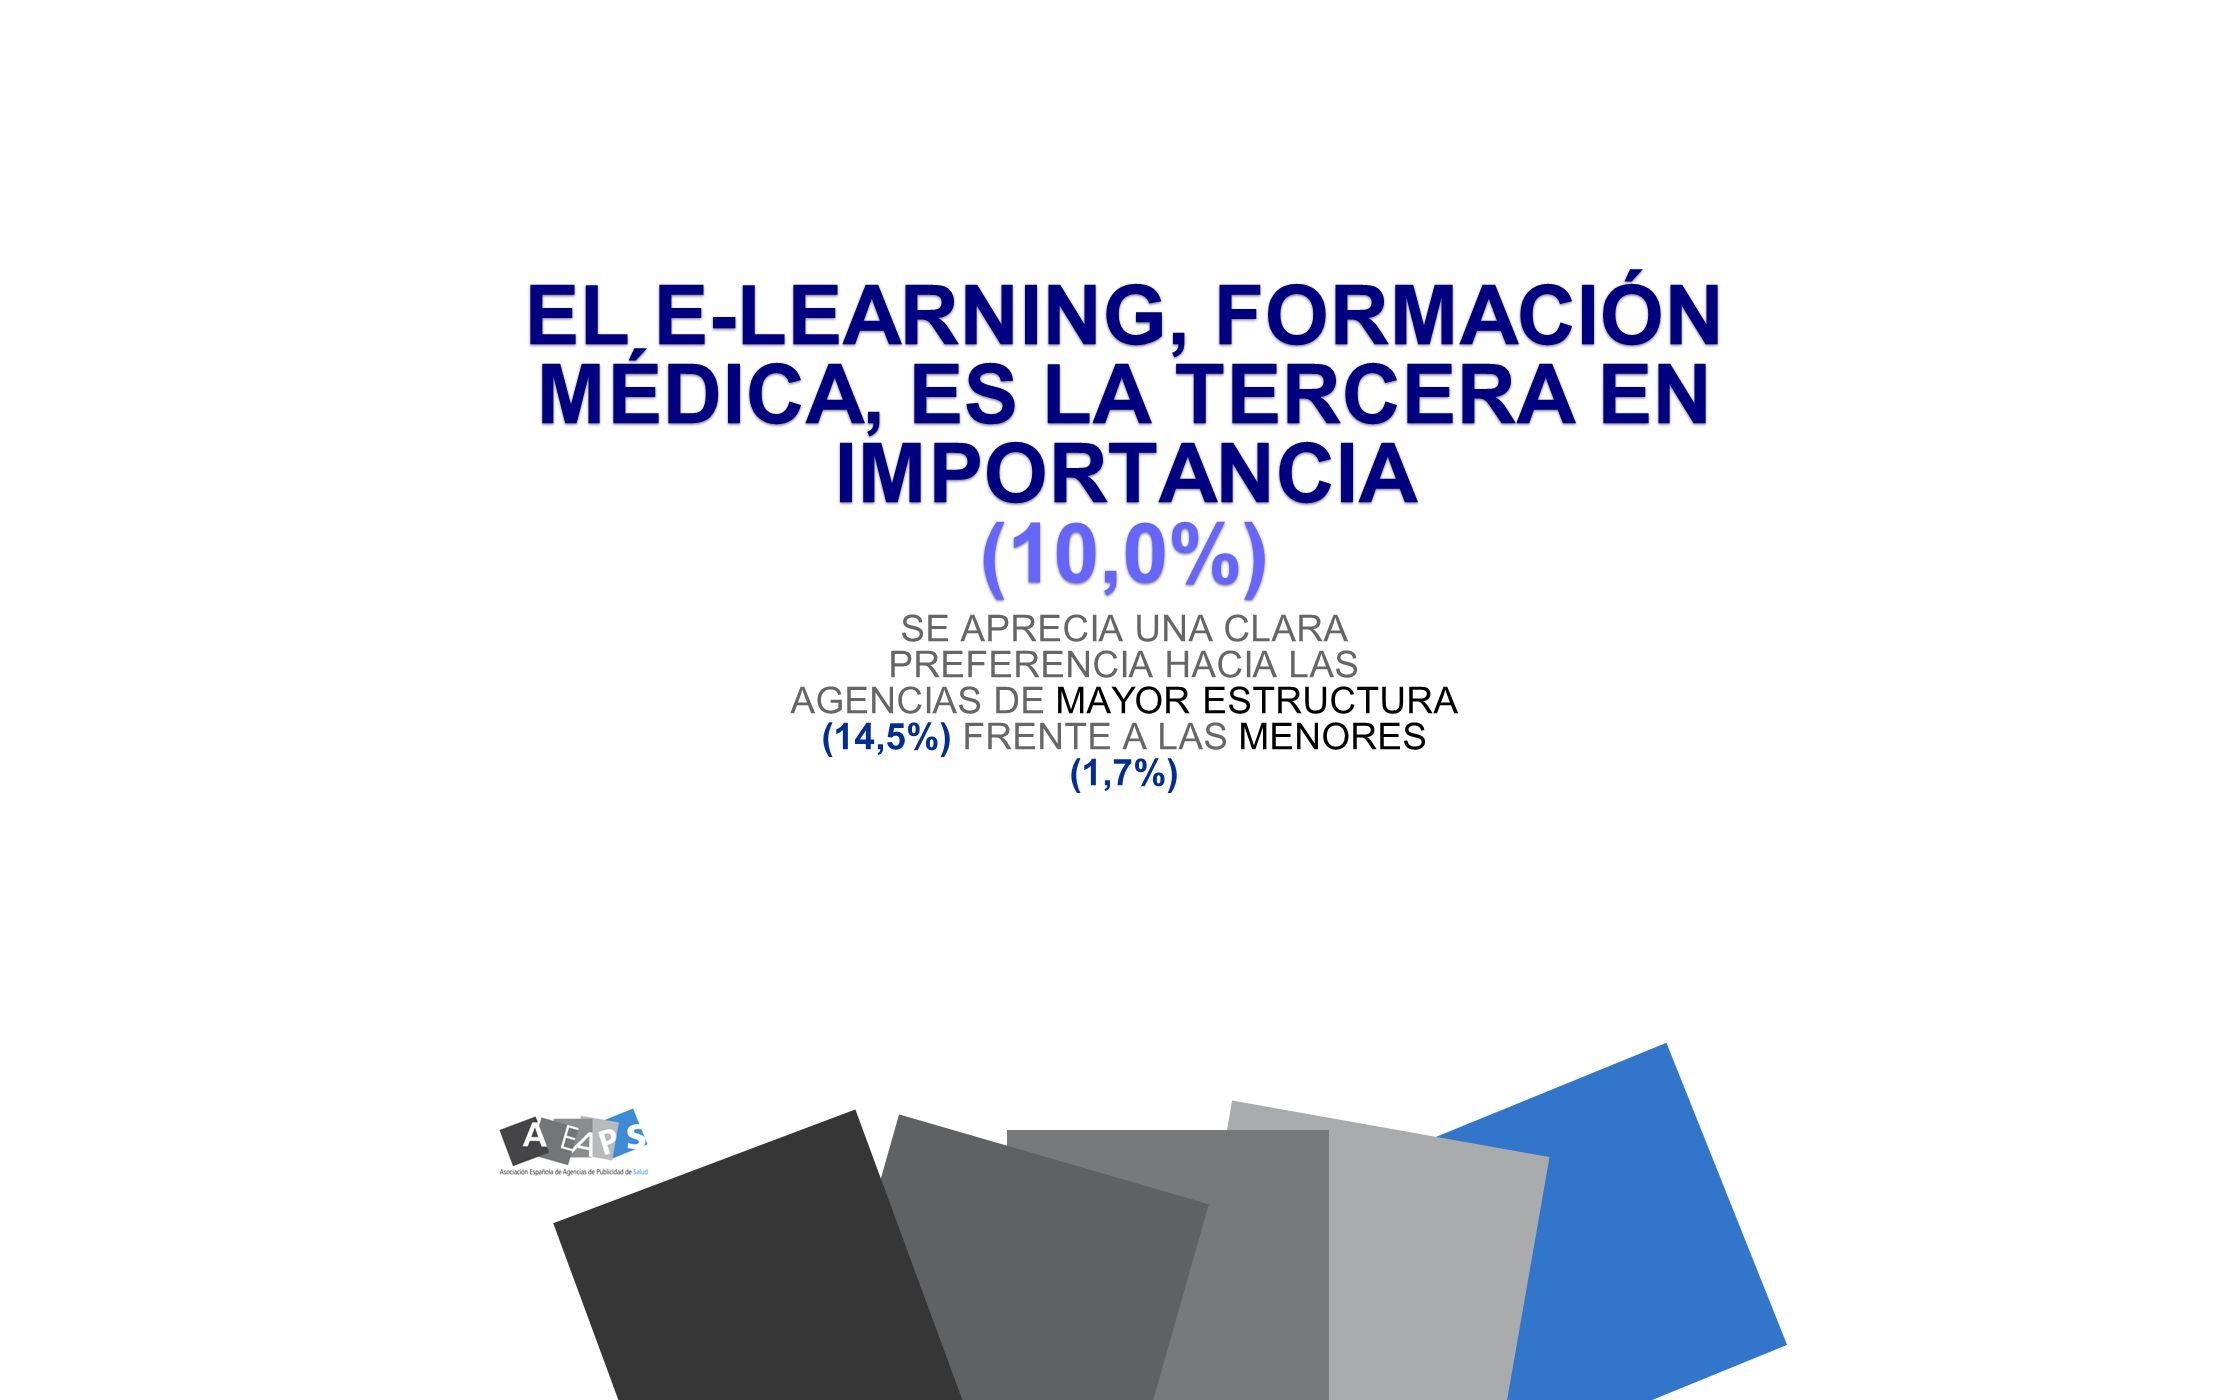 EL E-LEARNING, FORMACIÓN MÉDICA, ES LA TERCERA EN IMPORTANCIA (10,0%)